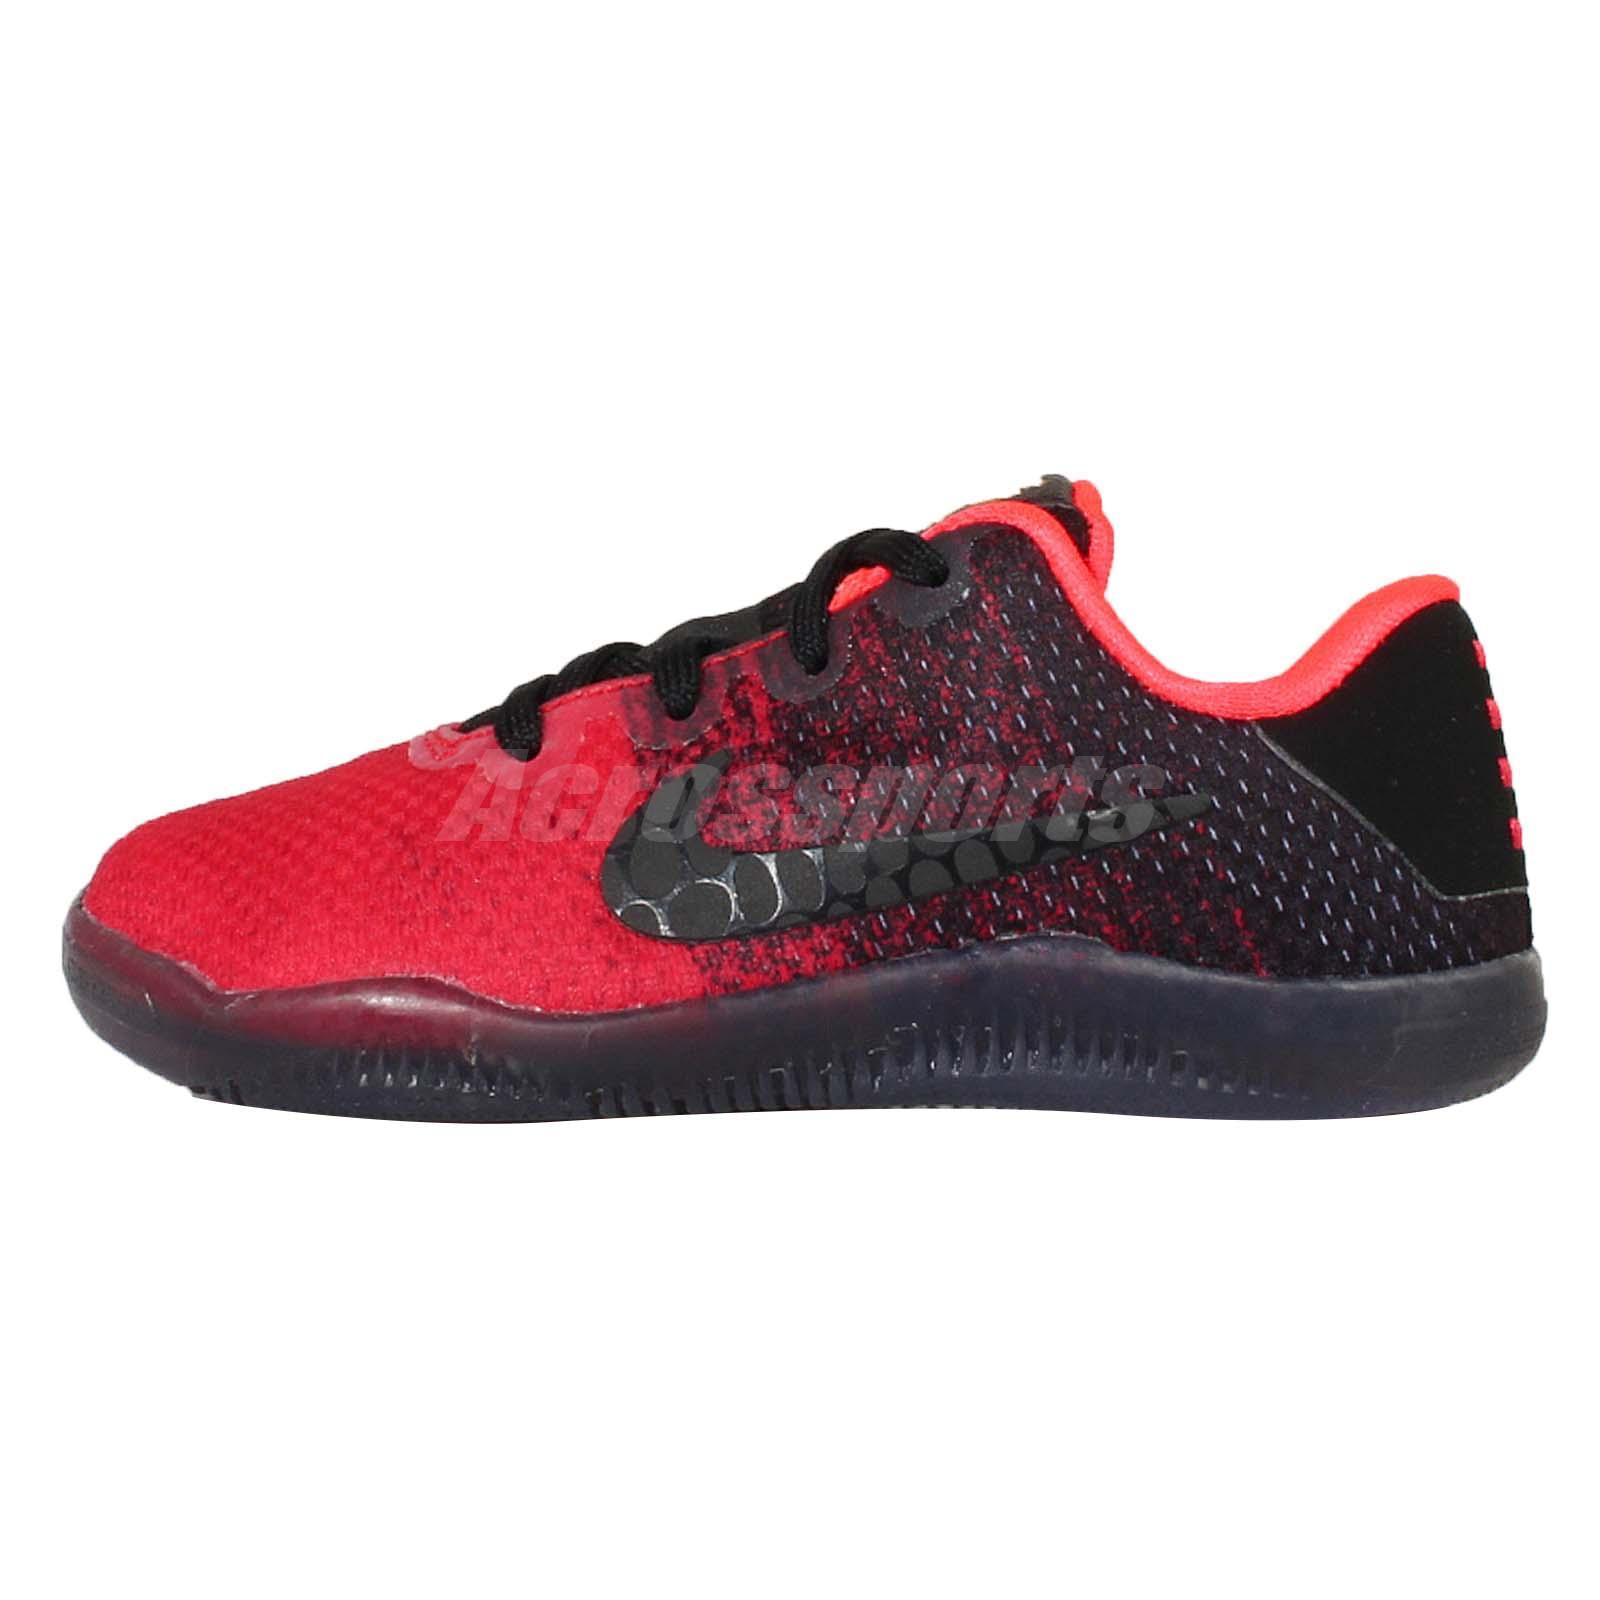 baby kobe bryant shoes